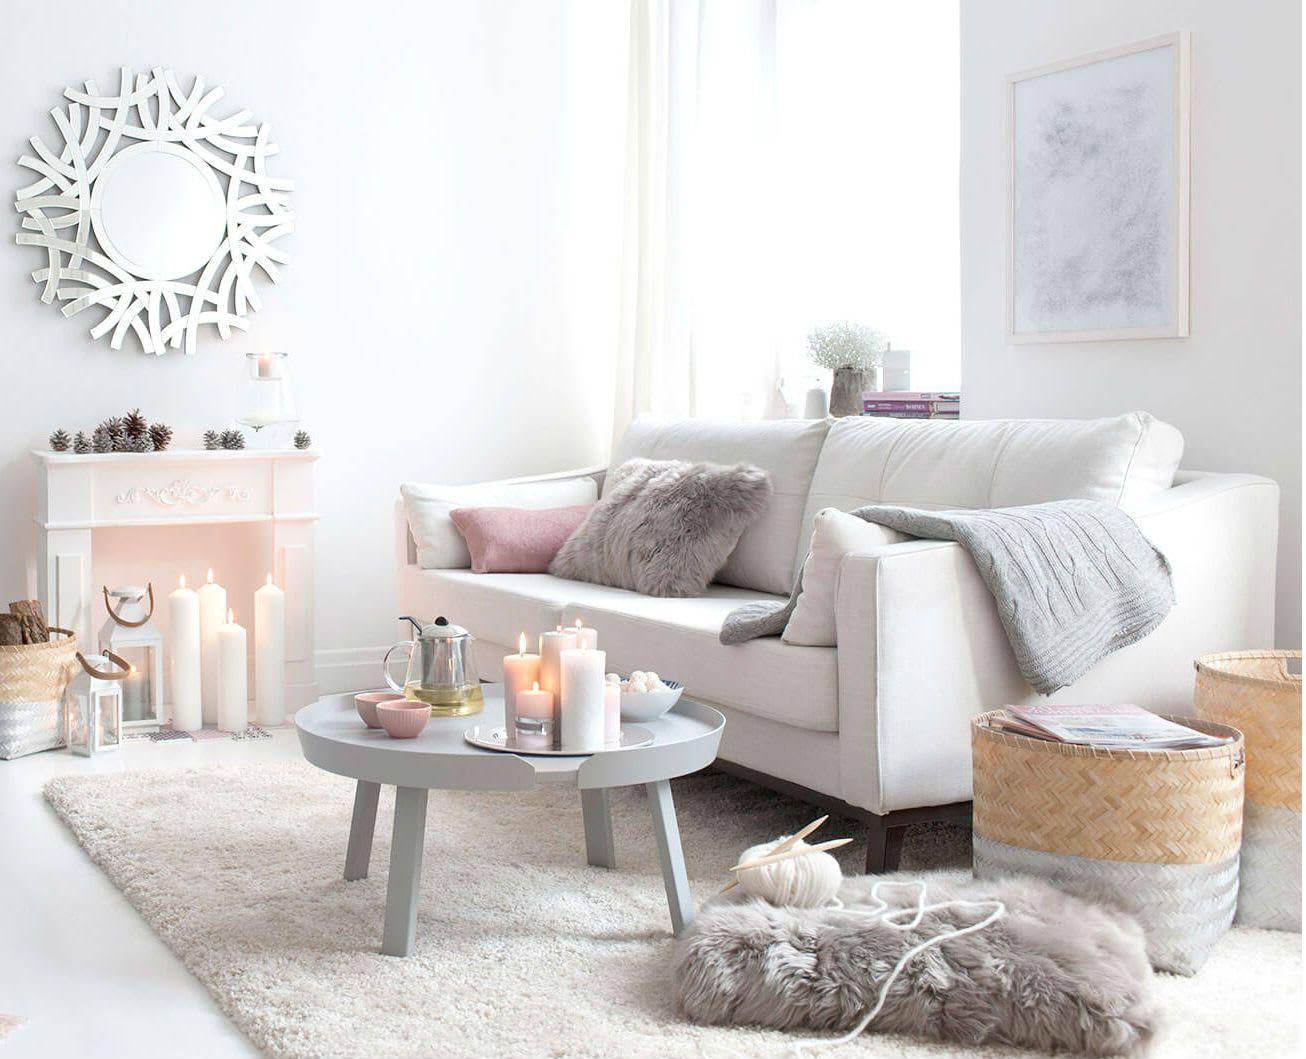 Wohnzimmerteppich Grau ~ Unsere lieblinge im herbst? ganz klar: softe pastellfarben weil